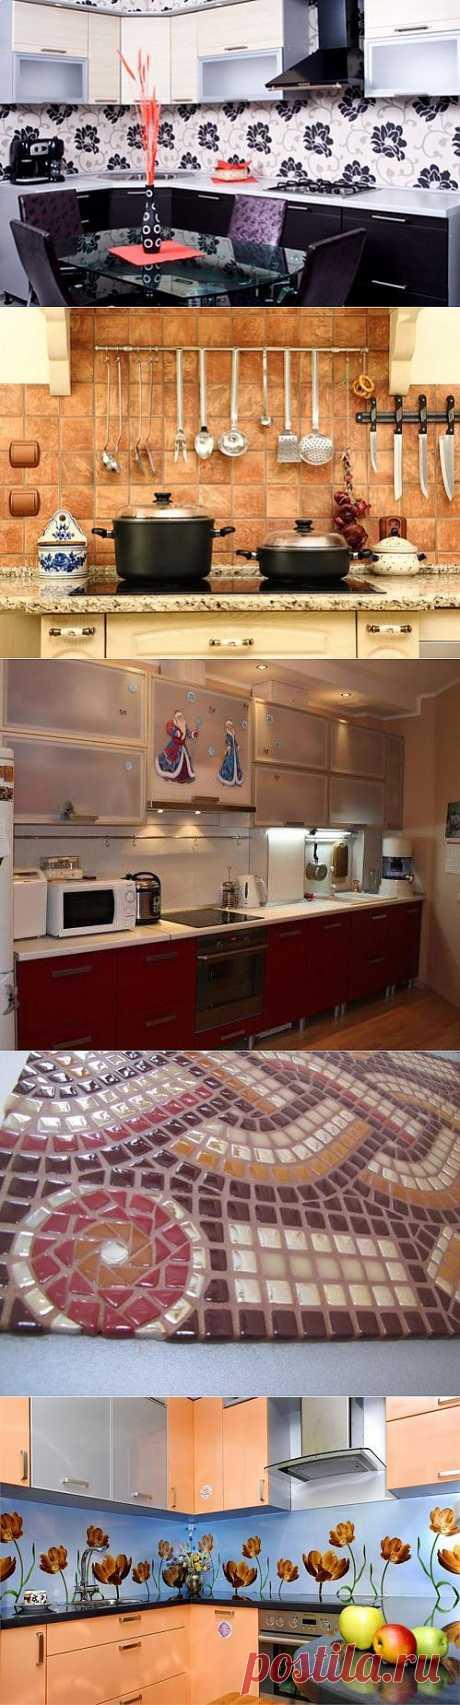 Фартук как элемент кухонного интерьера / Домоседы